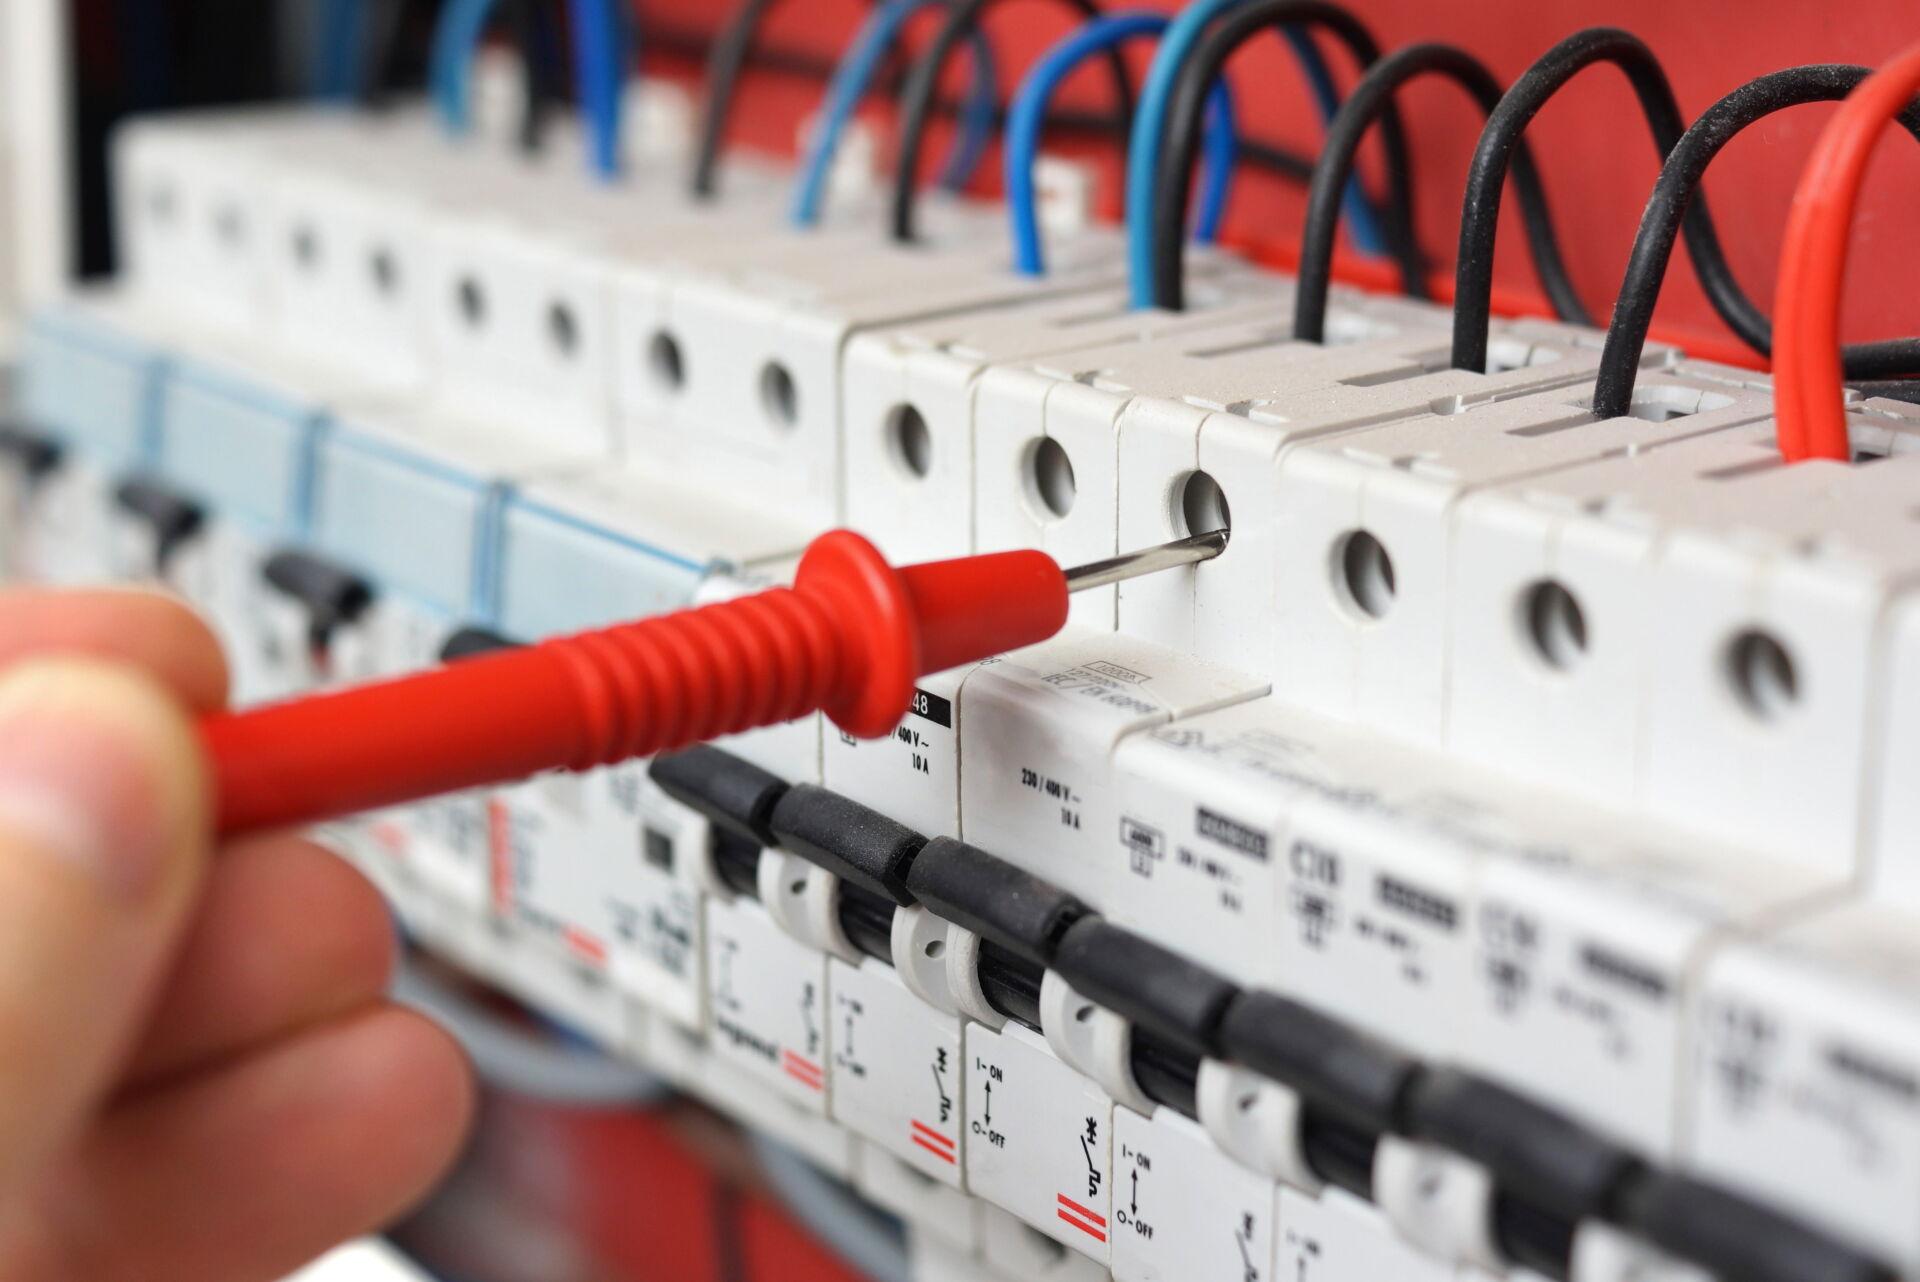 elektriker kragelund